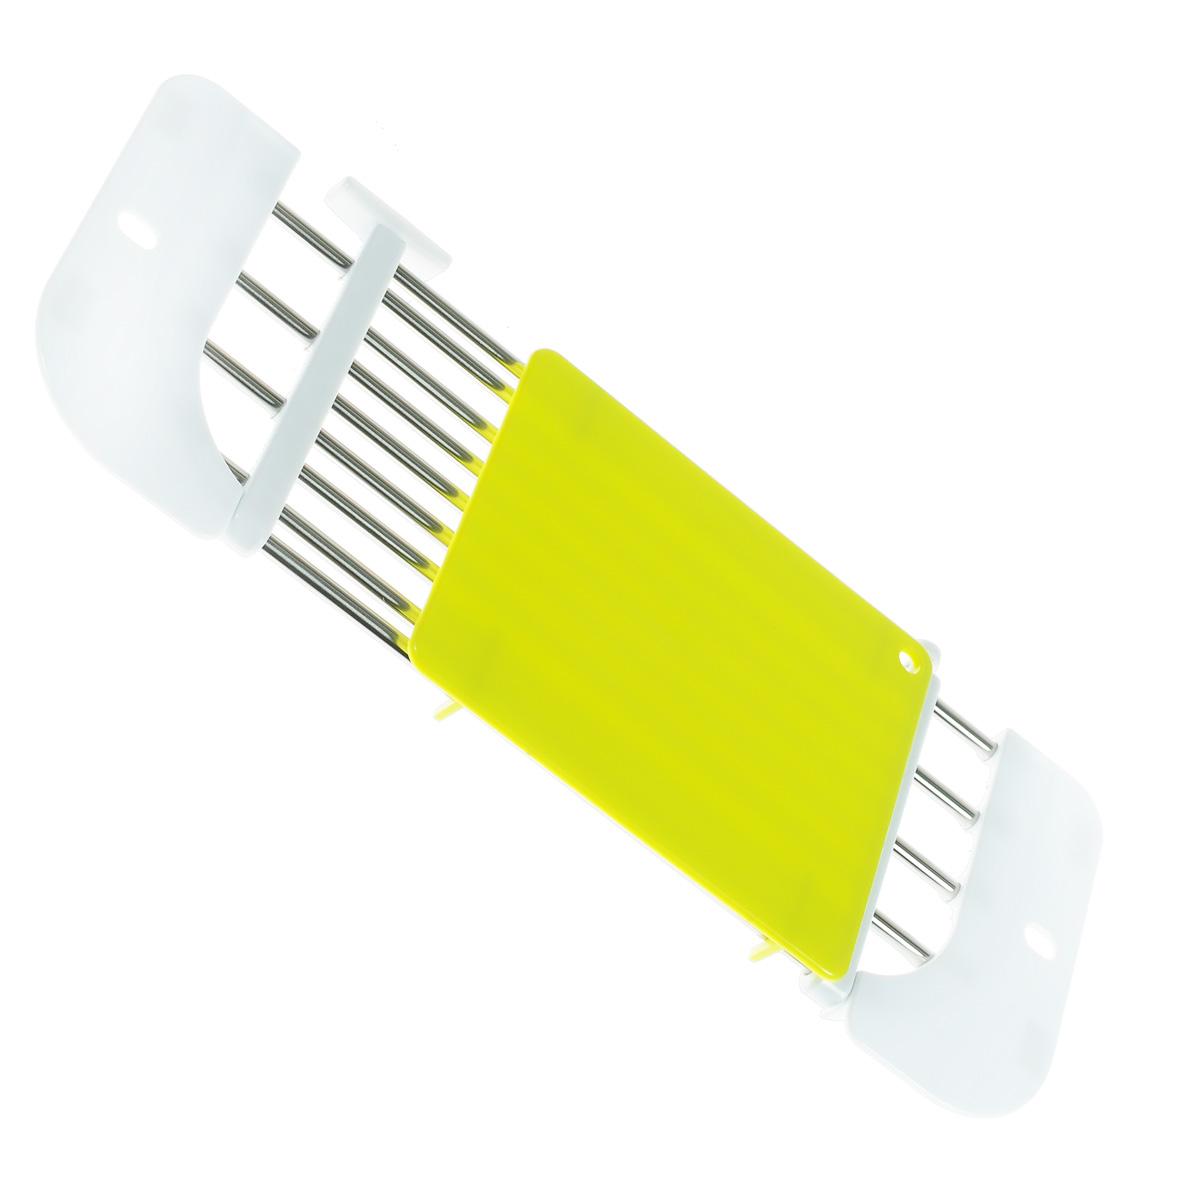 Подставка на раковину Bradex Синк Мастер, с разделочной доской, 46-71 х 18 х 2 смTK 0112Подставка на раковину Bradex Синк Мастер изготовлена из нержавеющей стали и высокопрочного пластика. Это дополнительная рабочая поверхность на кухне. Выполненная из нержавеющей стали подставка регулируется в зависимости от размера раковины. Подставка невероятно компактна и идеально впишется в интерьер даже самой маленькой кухни. Она незаменима для хозяек, которые не терпят грязи. Вам больше не придется ходить через всю кухню с мытыми овощами, оставляя за собой мокрый след, чтобы нарезать их. Синк Мастер всегда будет у вас под рукой. Готовьте без забот с подставкой на раковину Синк Мастер! Максимальная нагрузка: 5 кг.Размер подставки: 46-71 см х 18 см х 2 см.Размер разделочной доски: 20 см х 16 см.